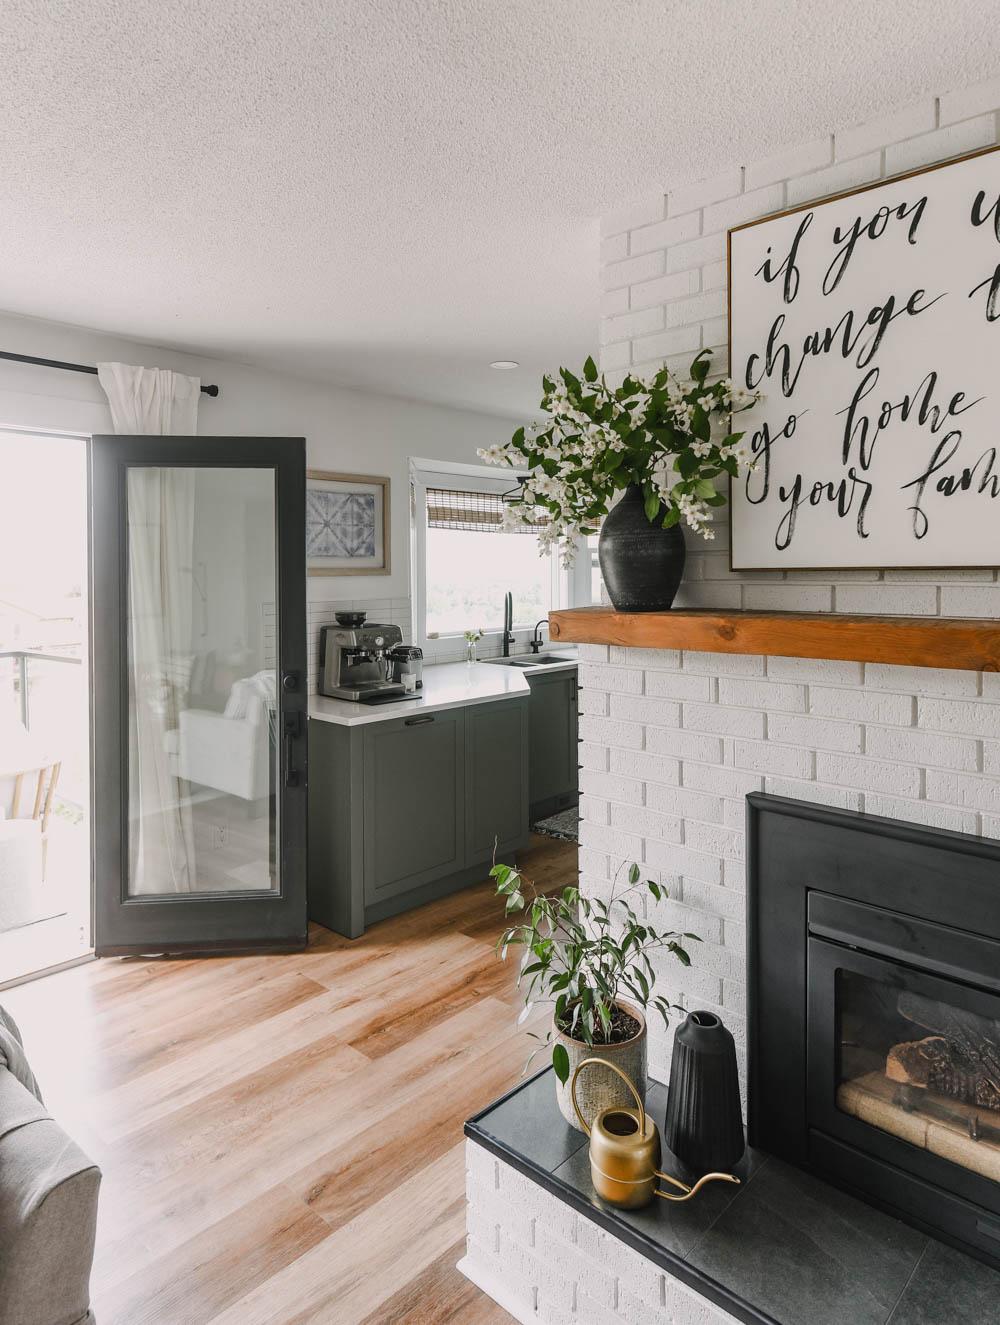 patio doors open to brick fireplace